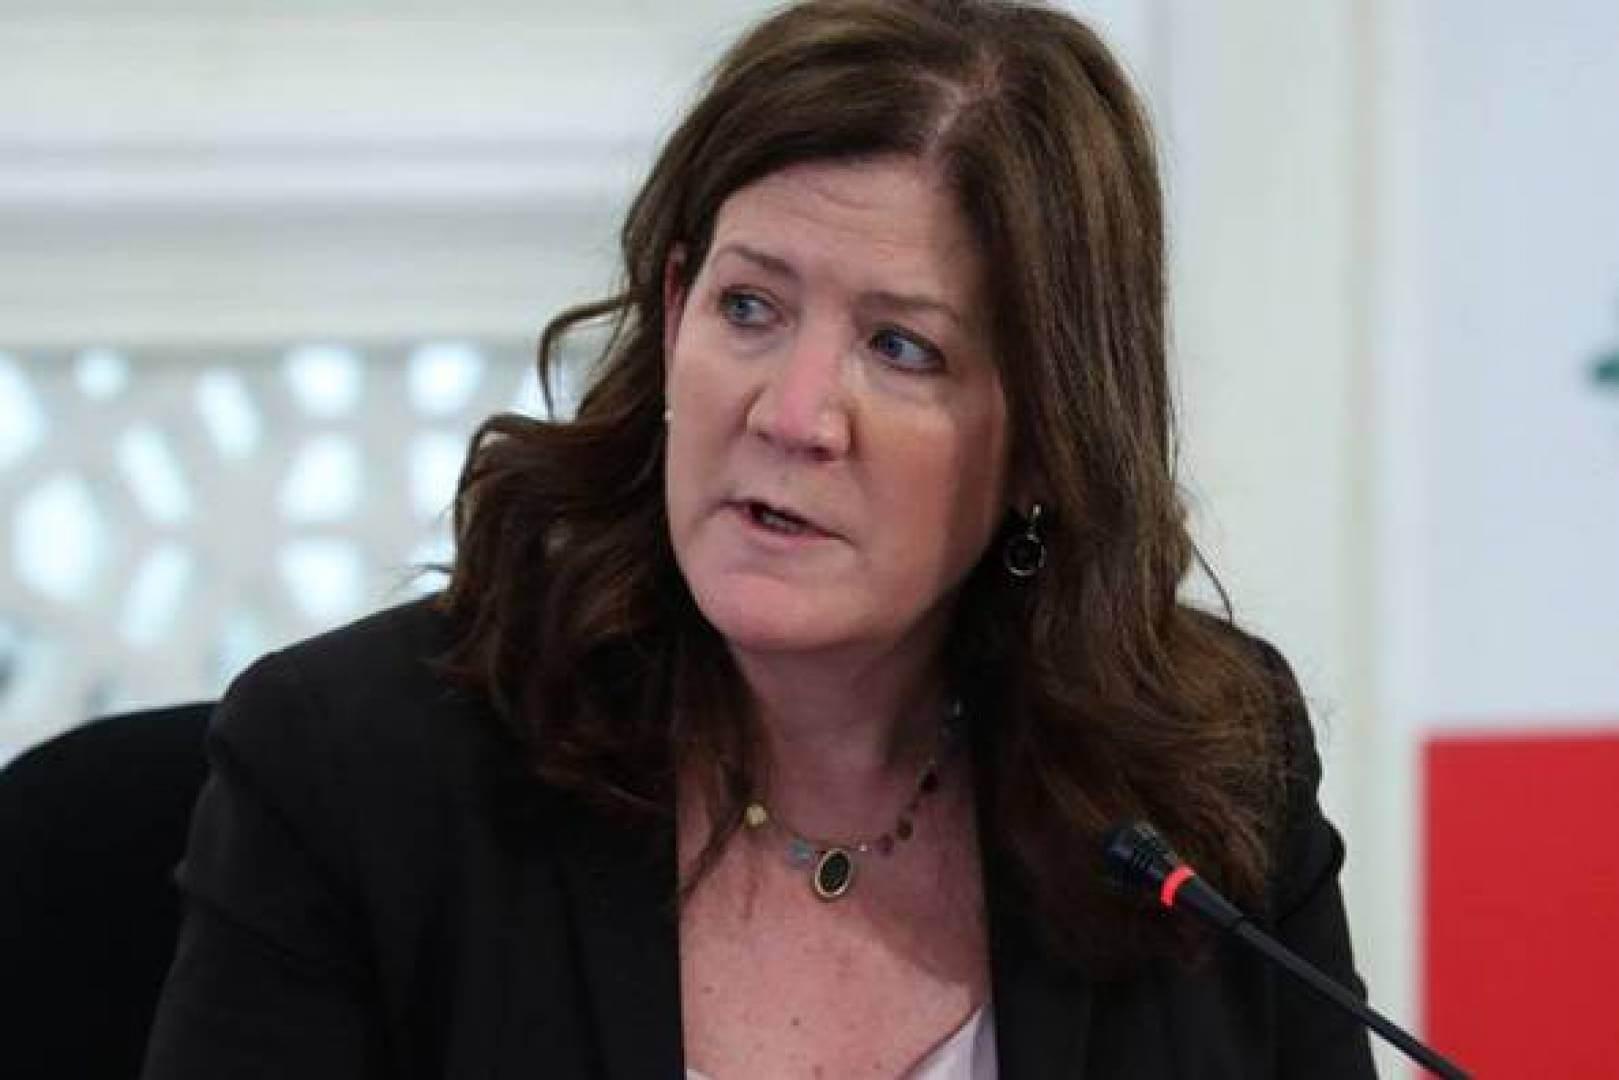 حكم قضائي يمنع السفيرة الأمريكية ببيروت من الإدلاء بتصريحات للصحافة